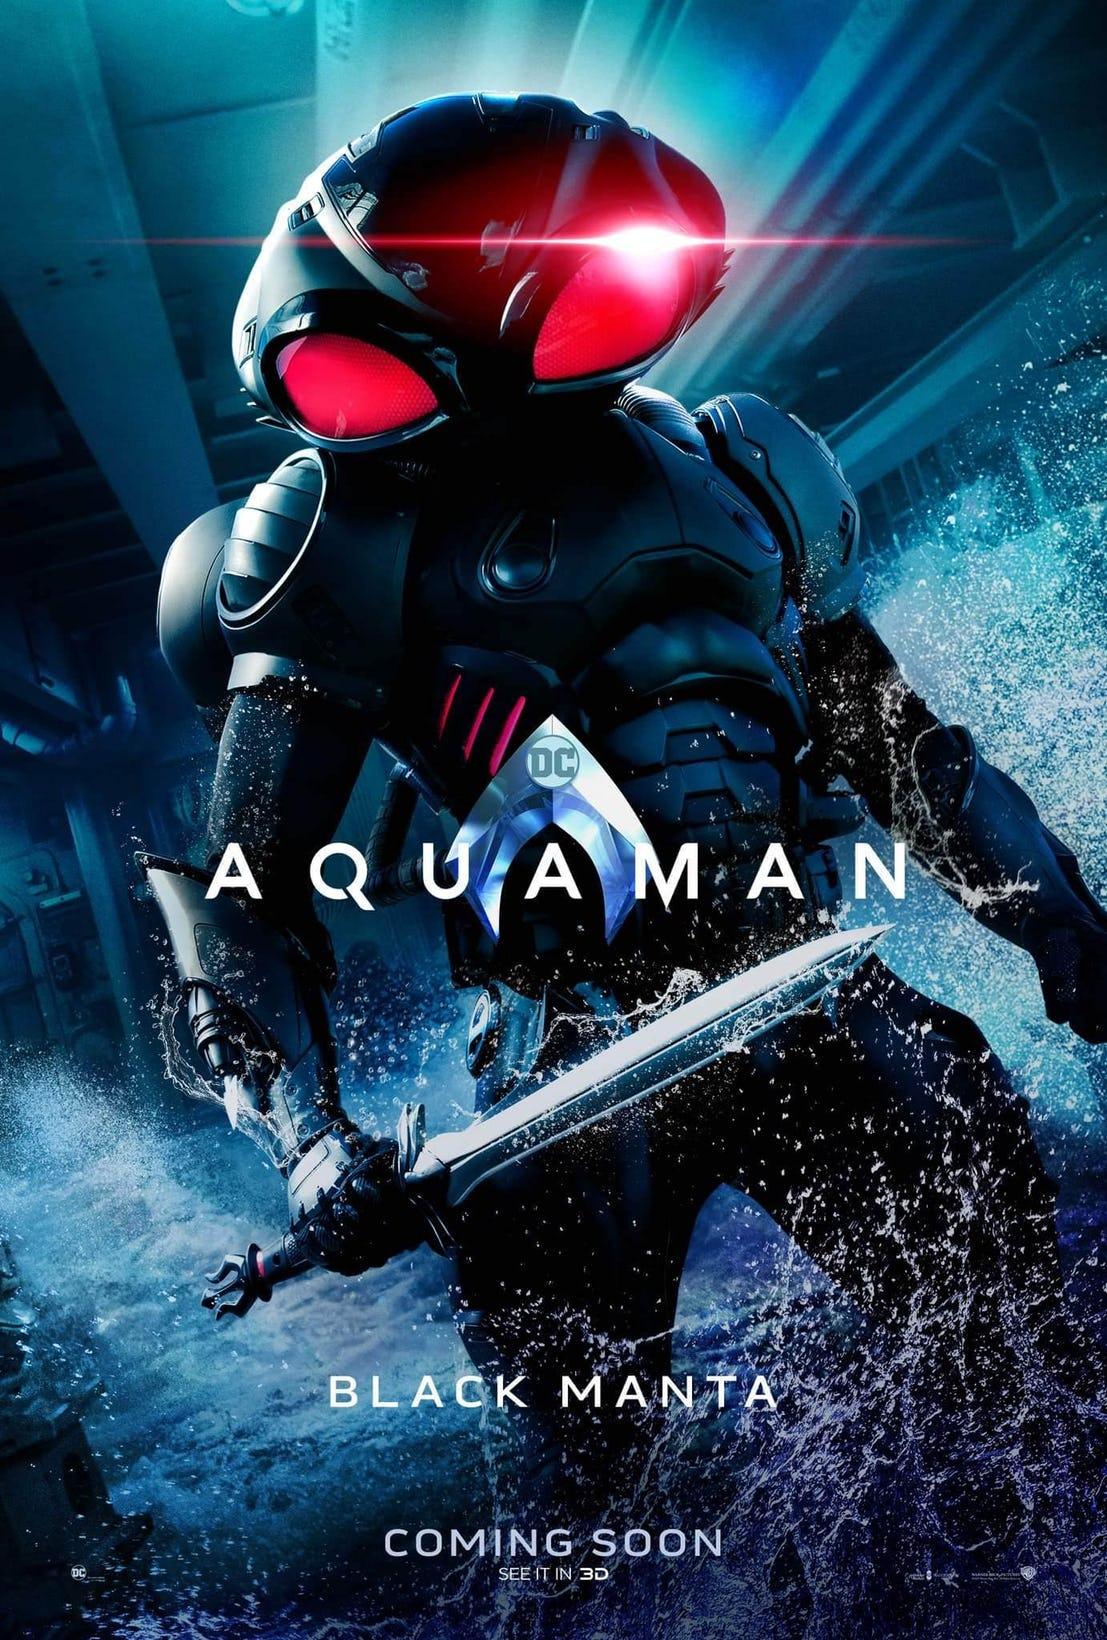 پوسترهای جدید فیلم آکوامن